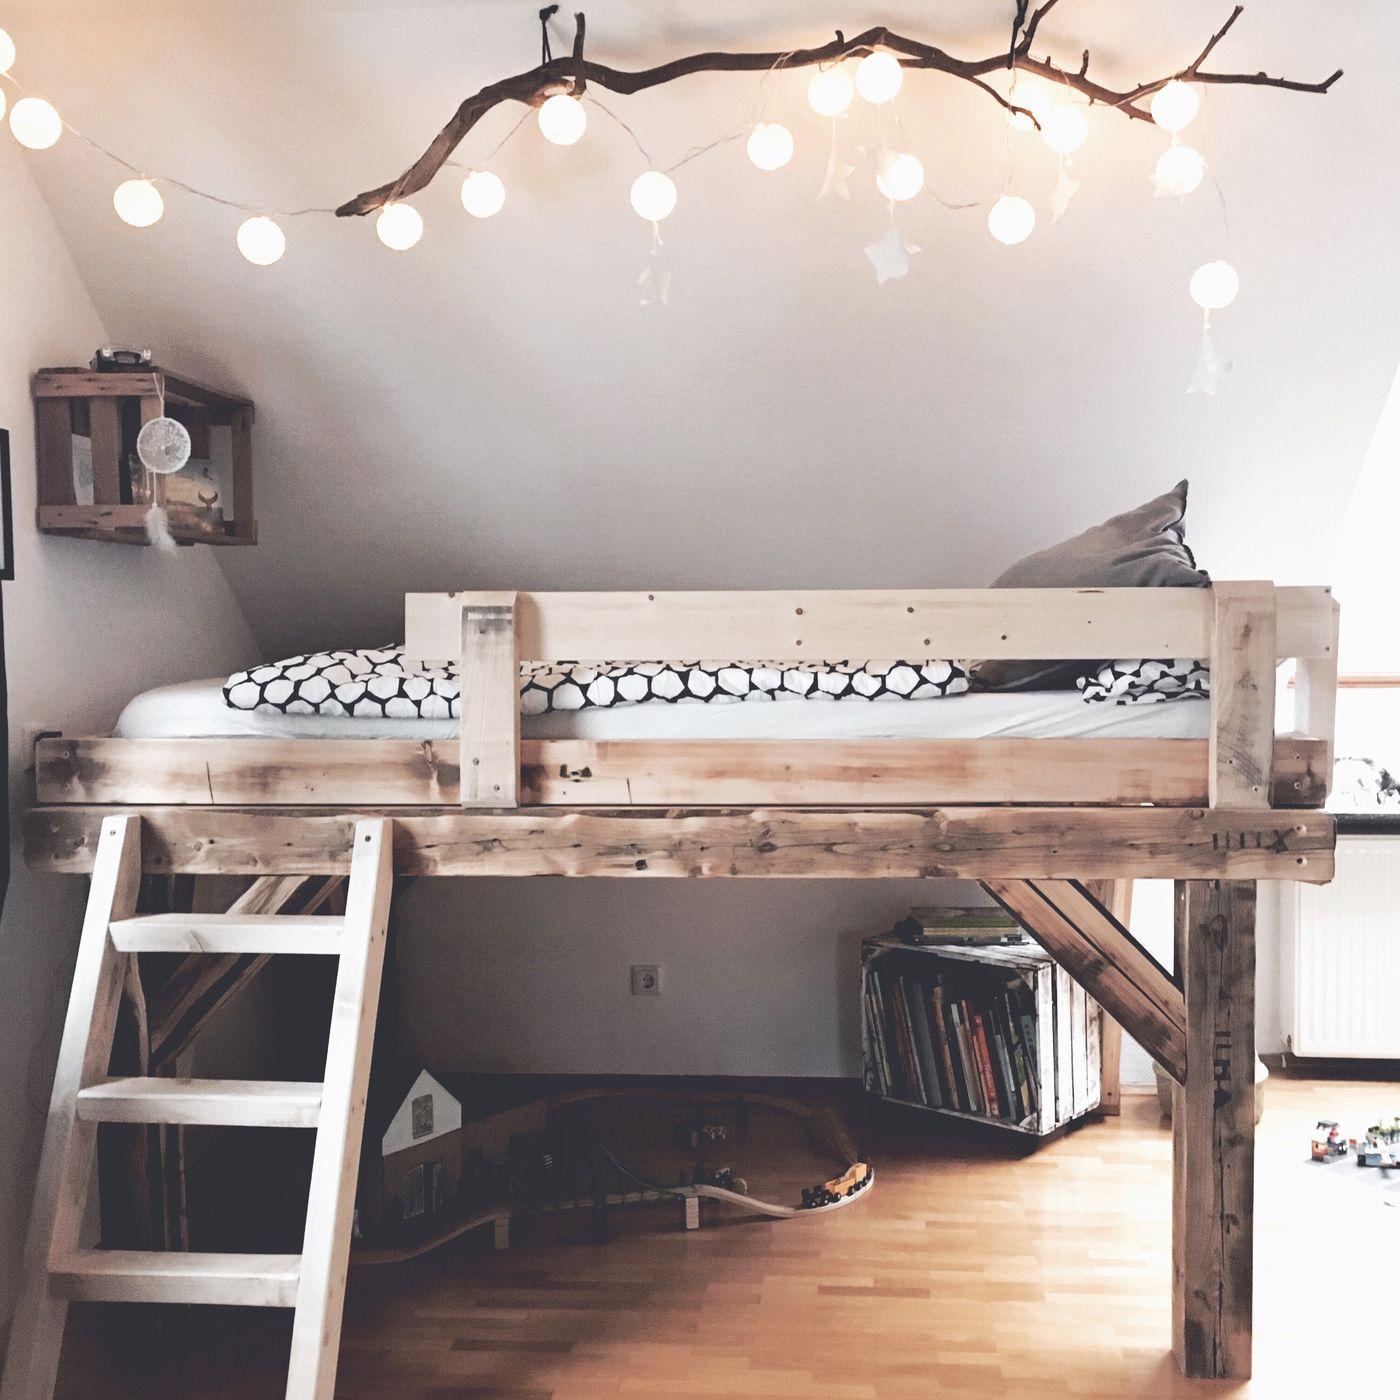 Full Size of Kinderbett Stauraum Ideen Und Inspirationen Fr Kinderbetten Bett 200x200 Mit 140x200 160x200 Betten Wohnzimmer Kinderbett Stauraum